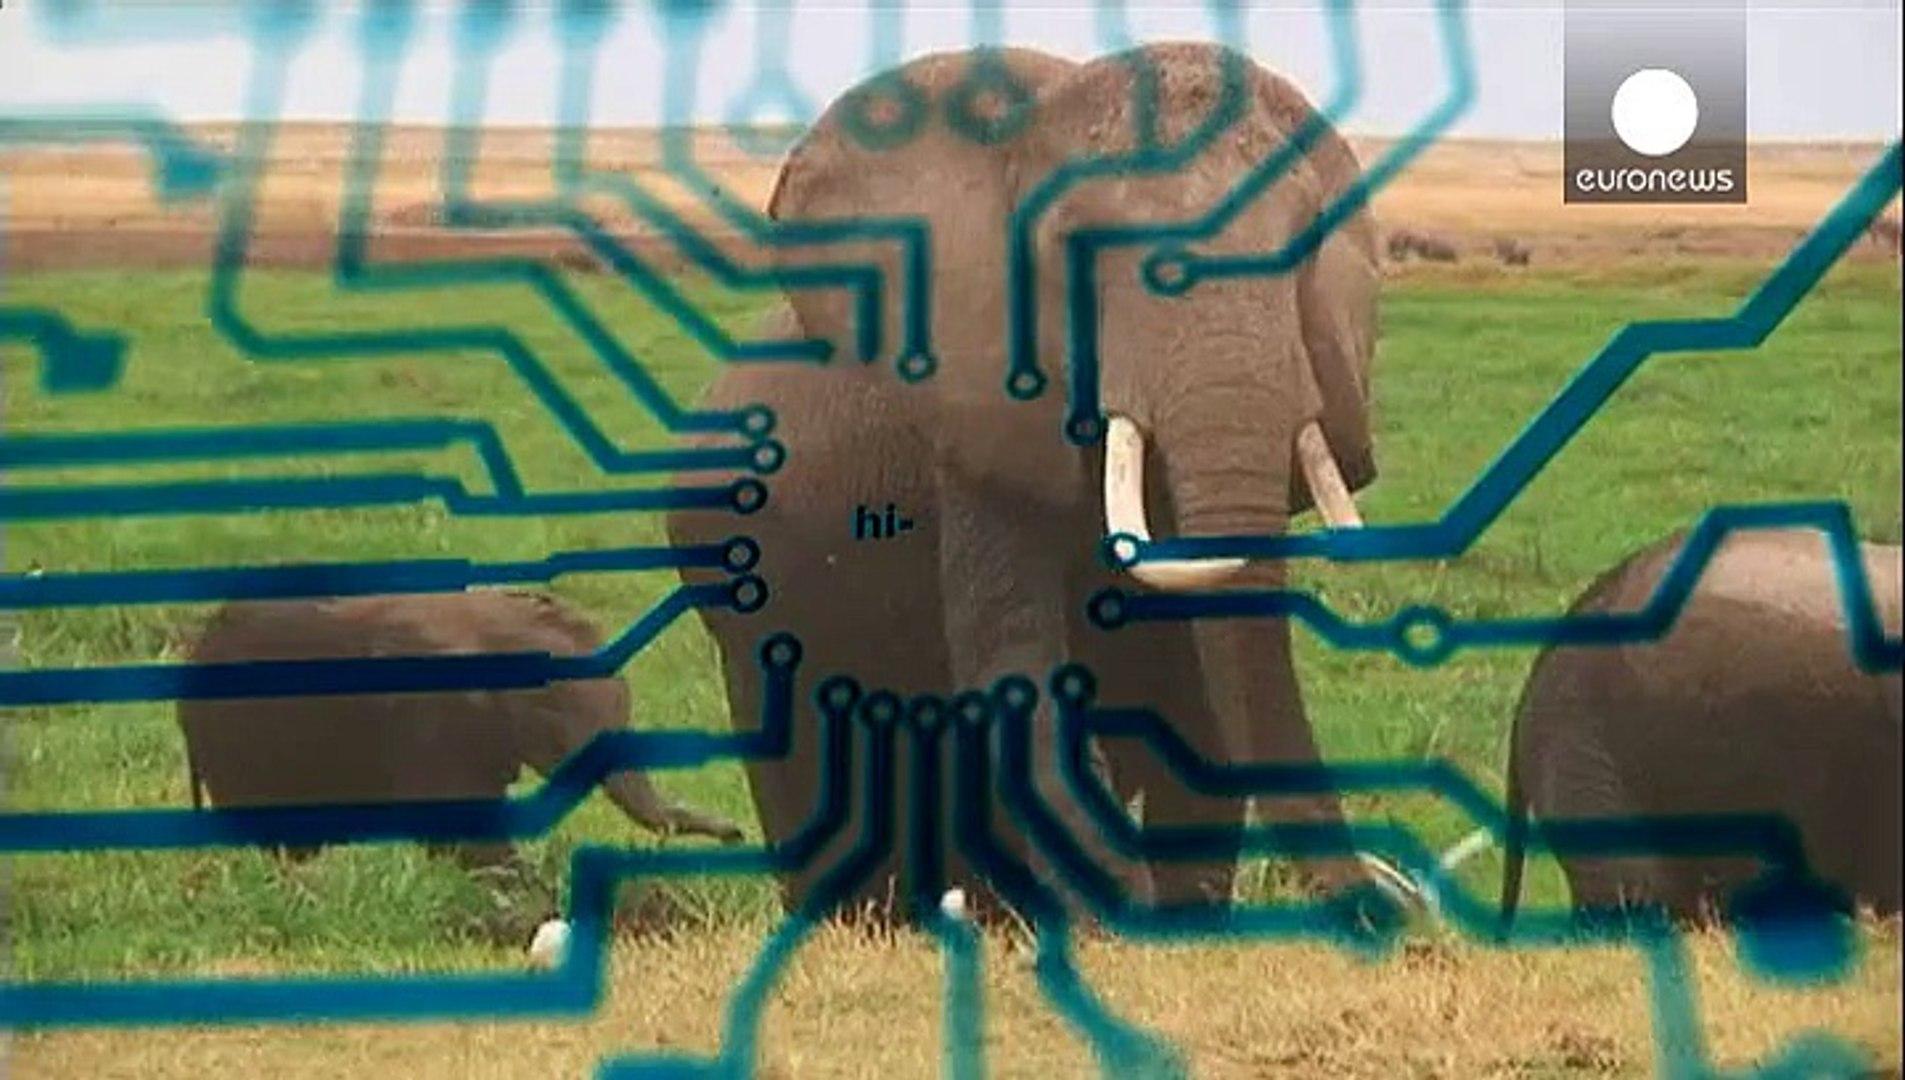 تانزانیا ؛ روبات پرنده برای حفاظت فیلها از خطر